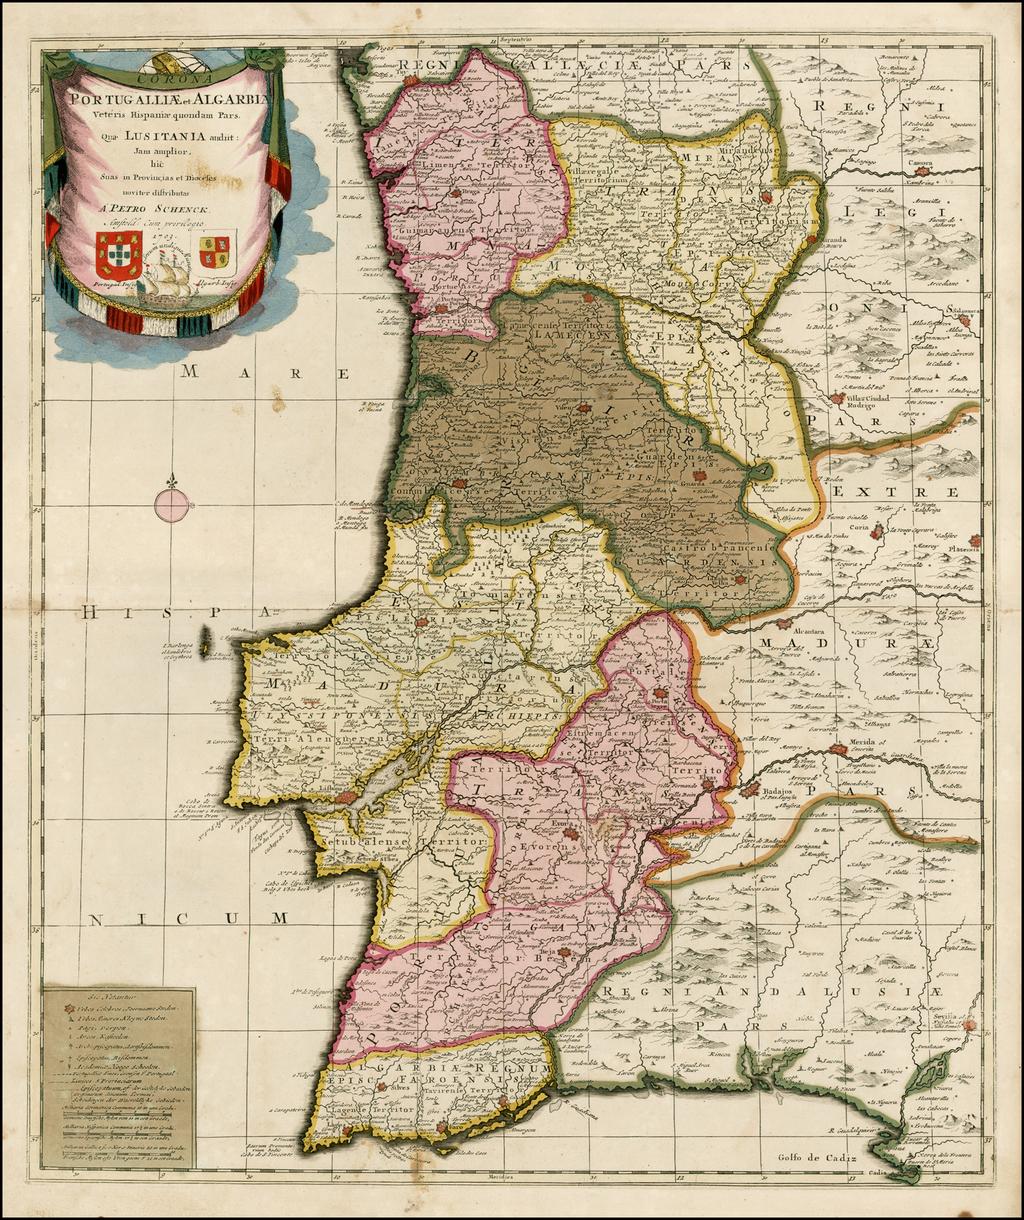 Portugalliae et Algarbia Veteris Hispaniae quondam Pars Quae Lusitania audiit: Jam amplior hic Suas in Provincias et Dioceses noviter distributas . . .1703 By Peter Schenk